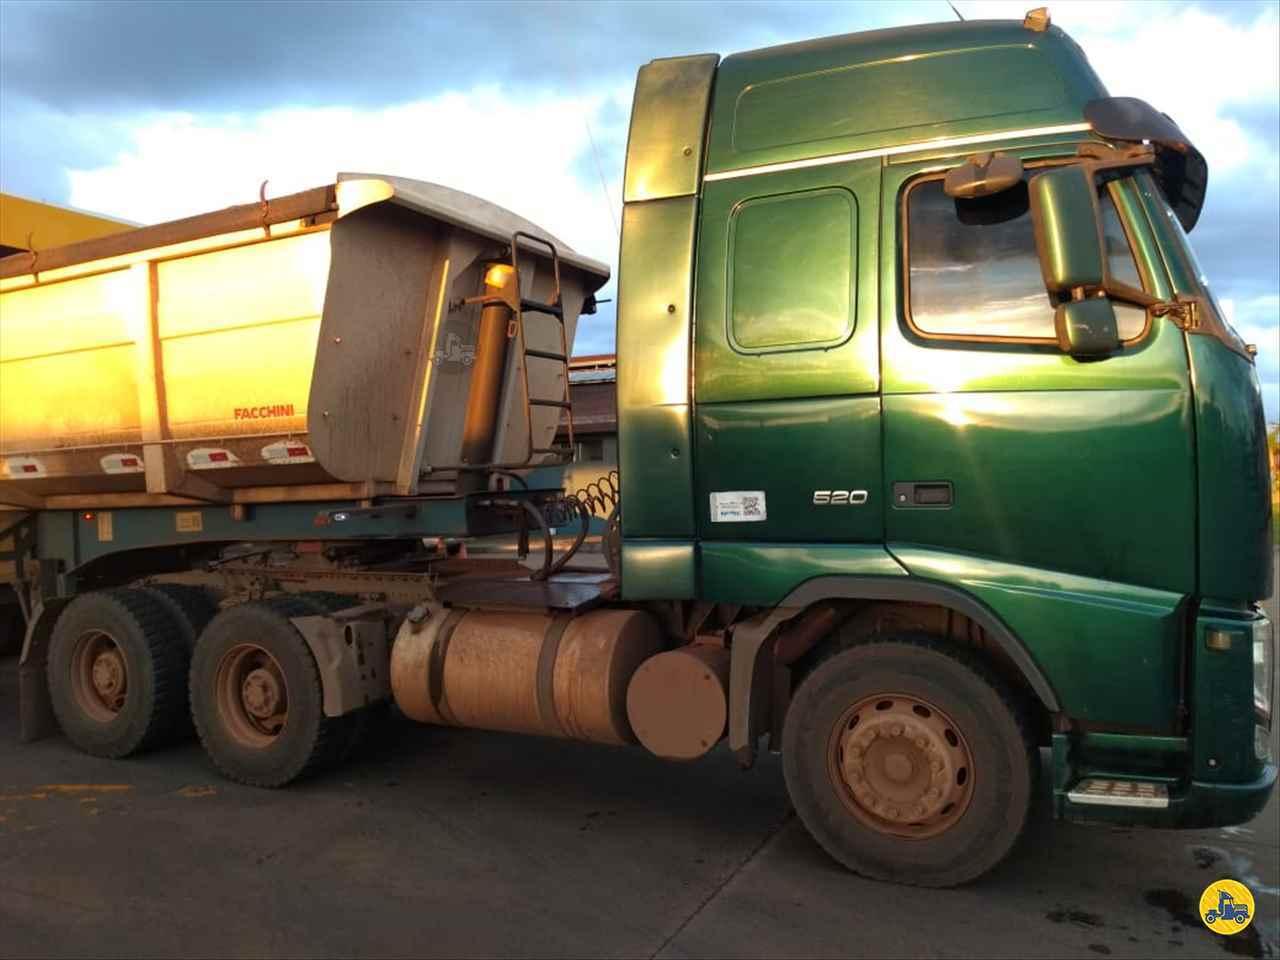 CAMINHAO VOLVO VOLVO FH 520 Cavalo Mecânico Traçado 6x4 Ebenezer Caminhões e Carretas CAPAO BONITO SÃO PAULO SP